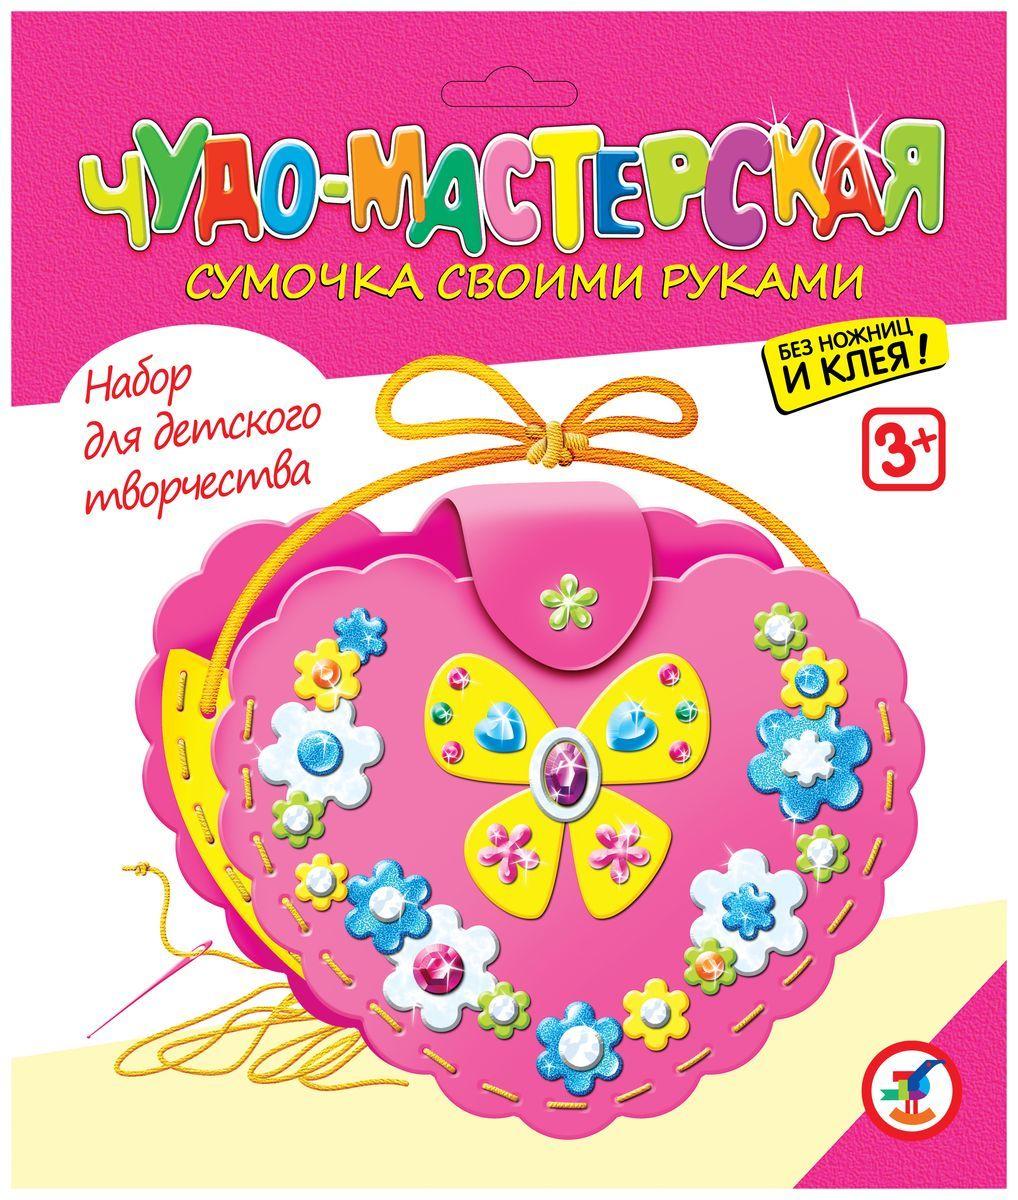 Дрофа-Медиа Набор для создания украшений и аксессуаров Сумочка Сердечко2884Вместе с ребёнком вы можете смастерить оригинальную детскую сумочку. Сделанная своими руками, она станет интересным и недорогим подарком родным и друзьям